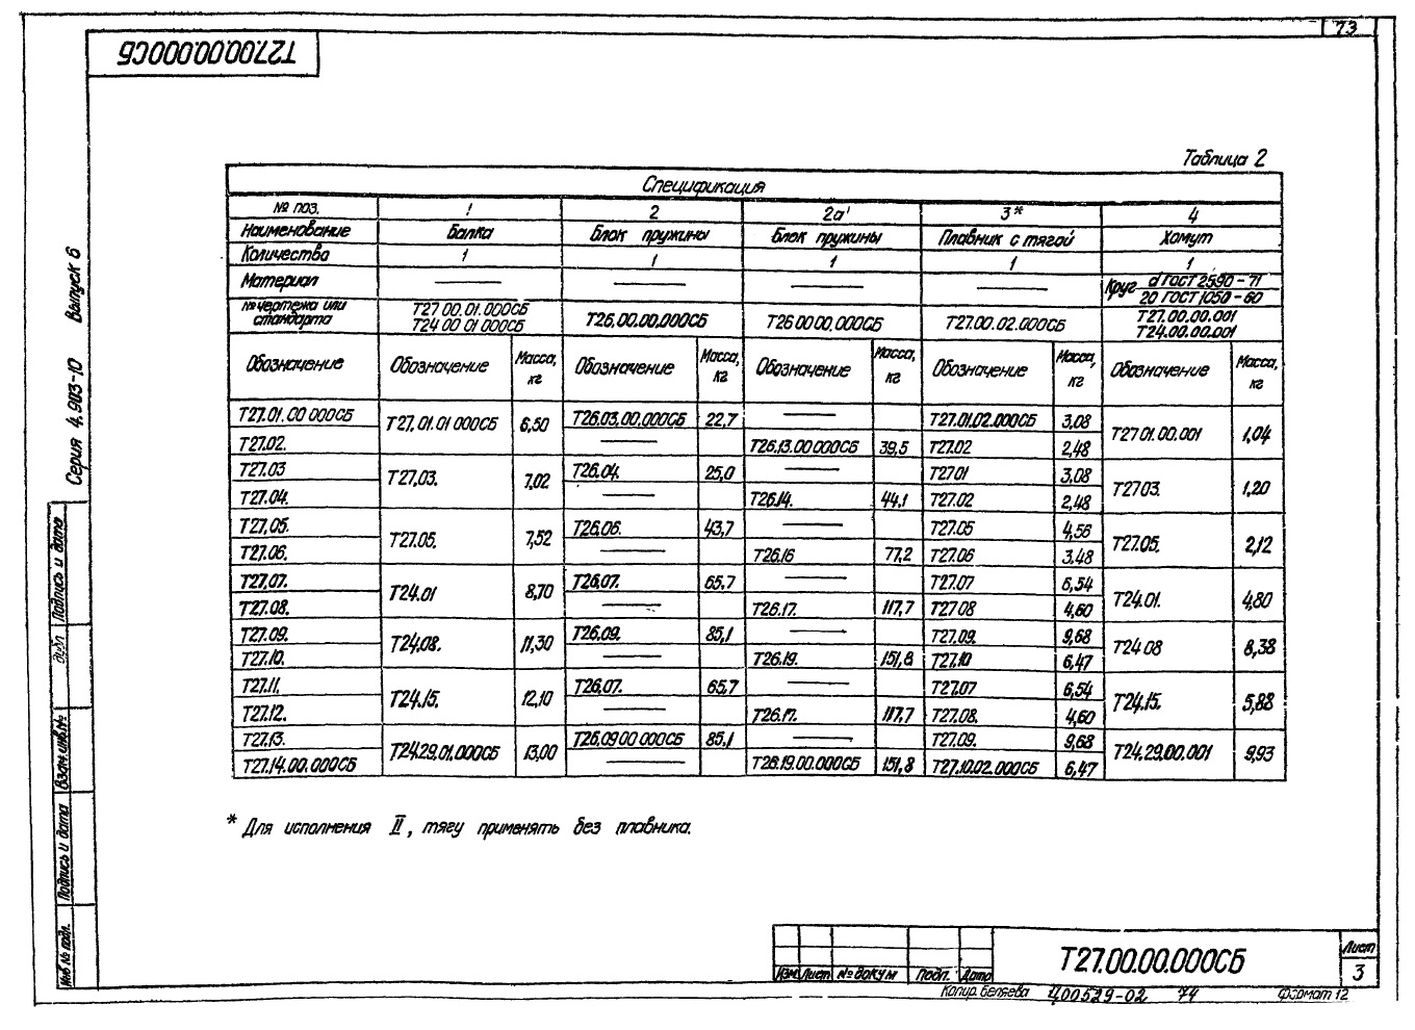 Опора подвесная пружинная Т27 с.4.903-10 вып.6 стр.3